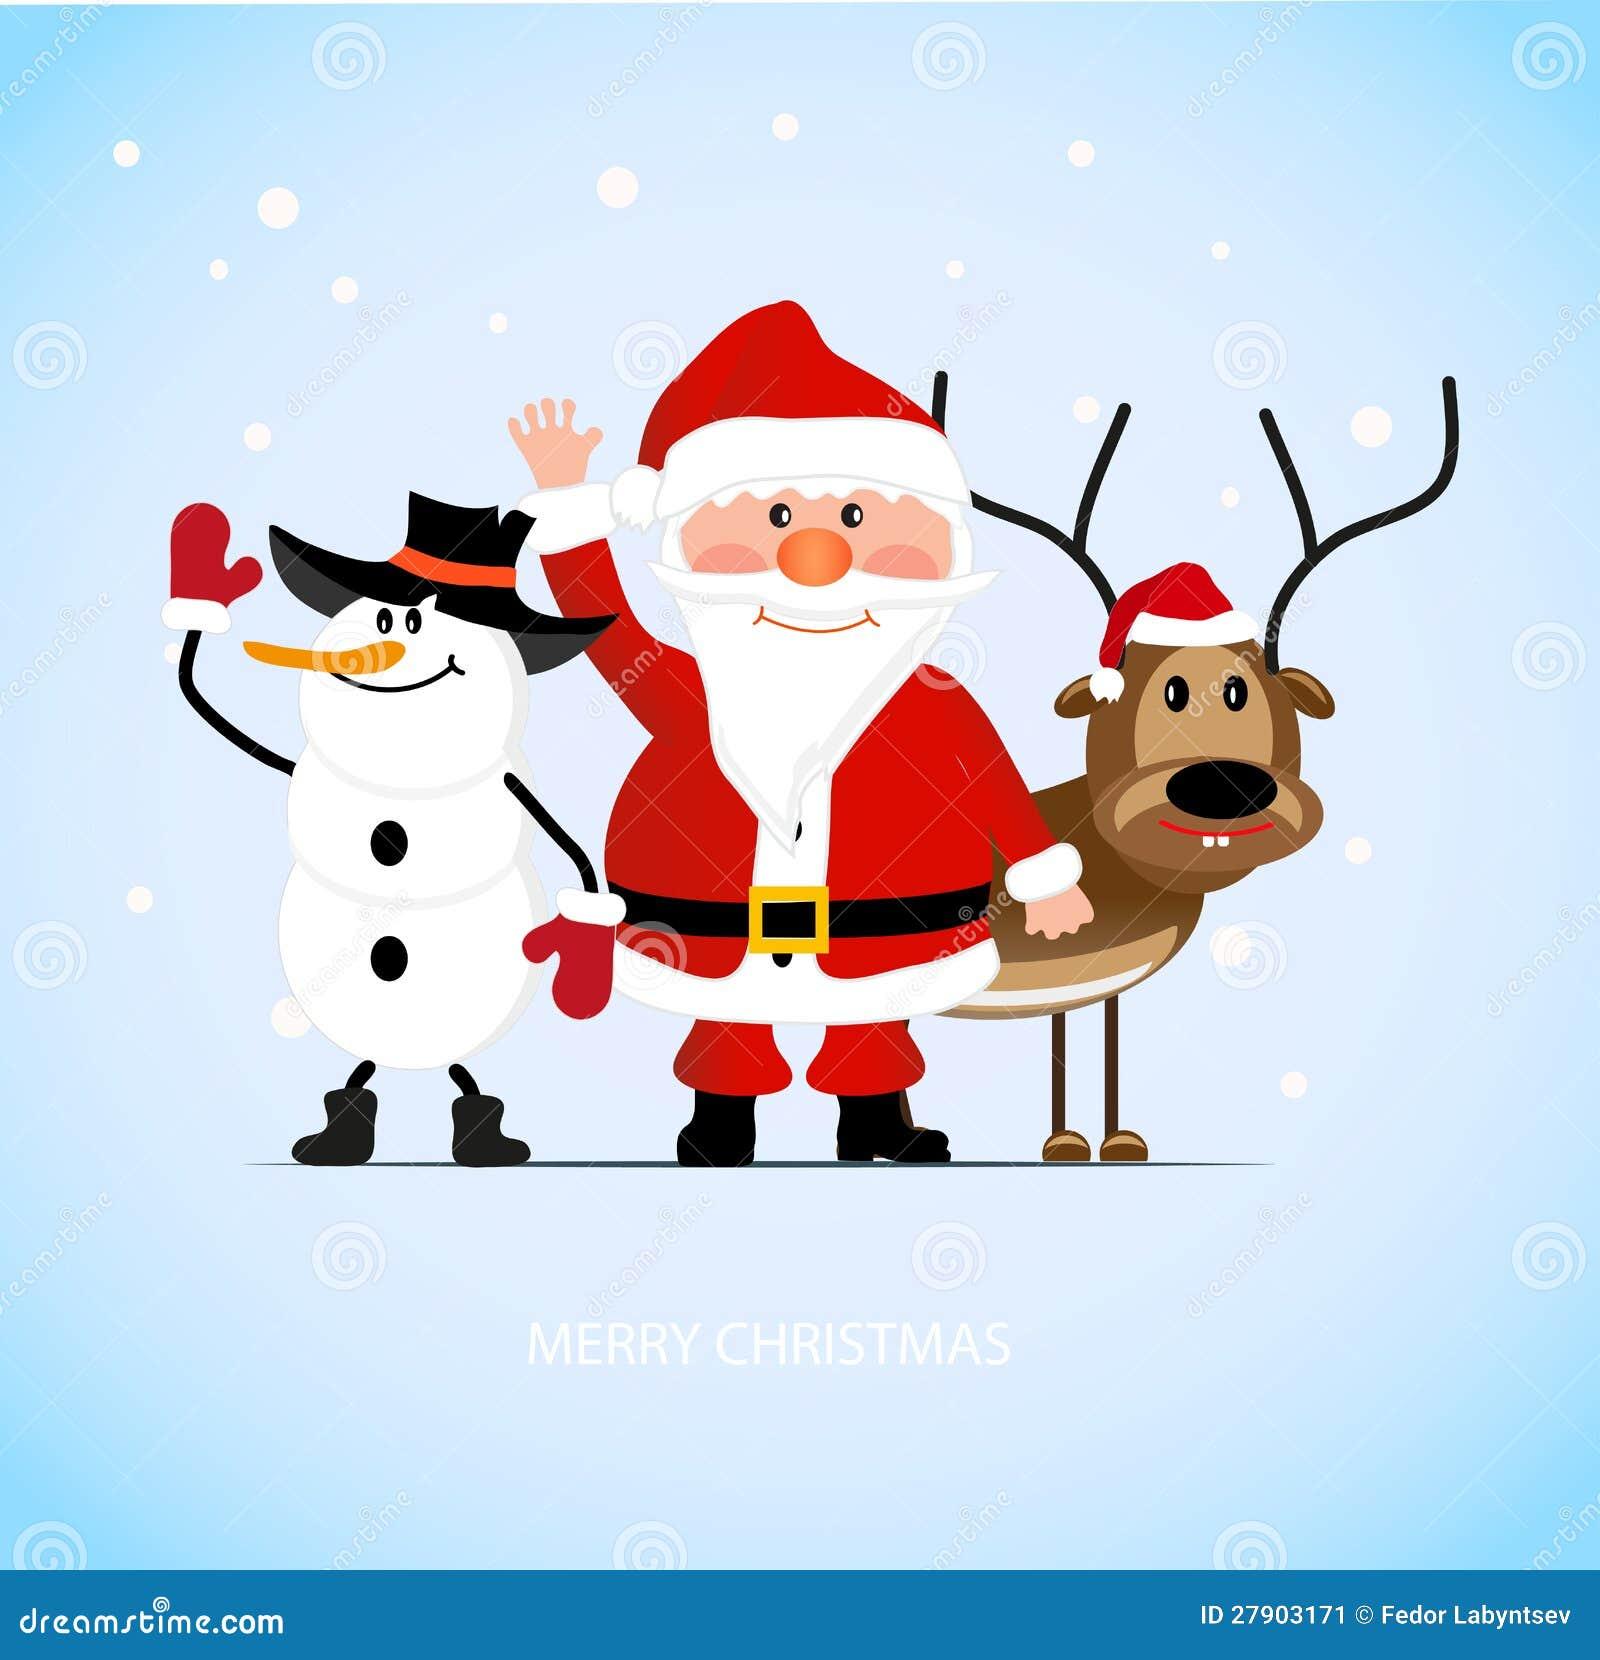 santa claus with a cheerful deer and a snowman - Snowman Santa